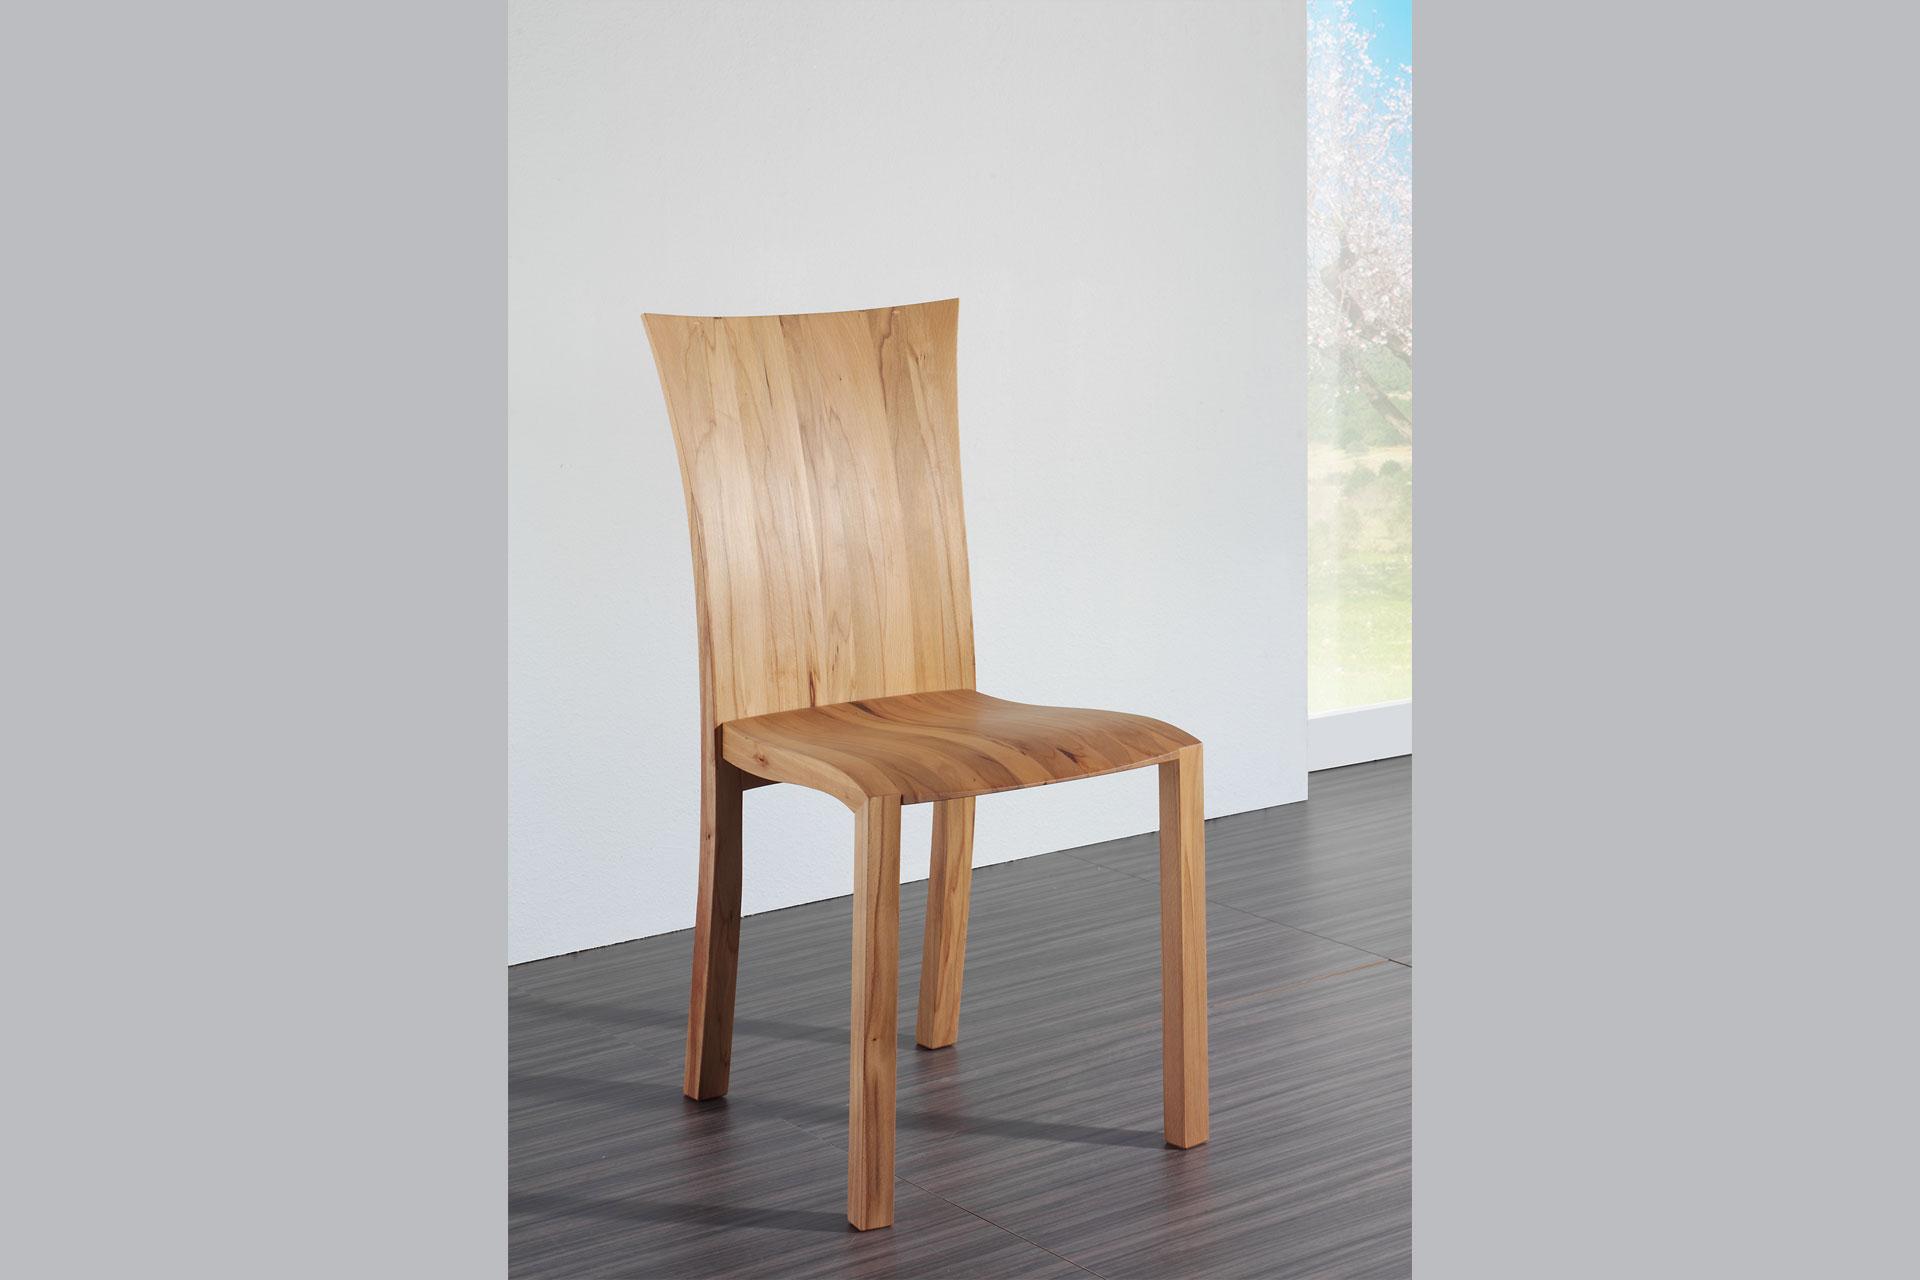 Kirschholzstuhl mit ausgeformtem Holzsitz